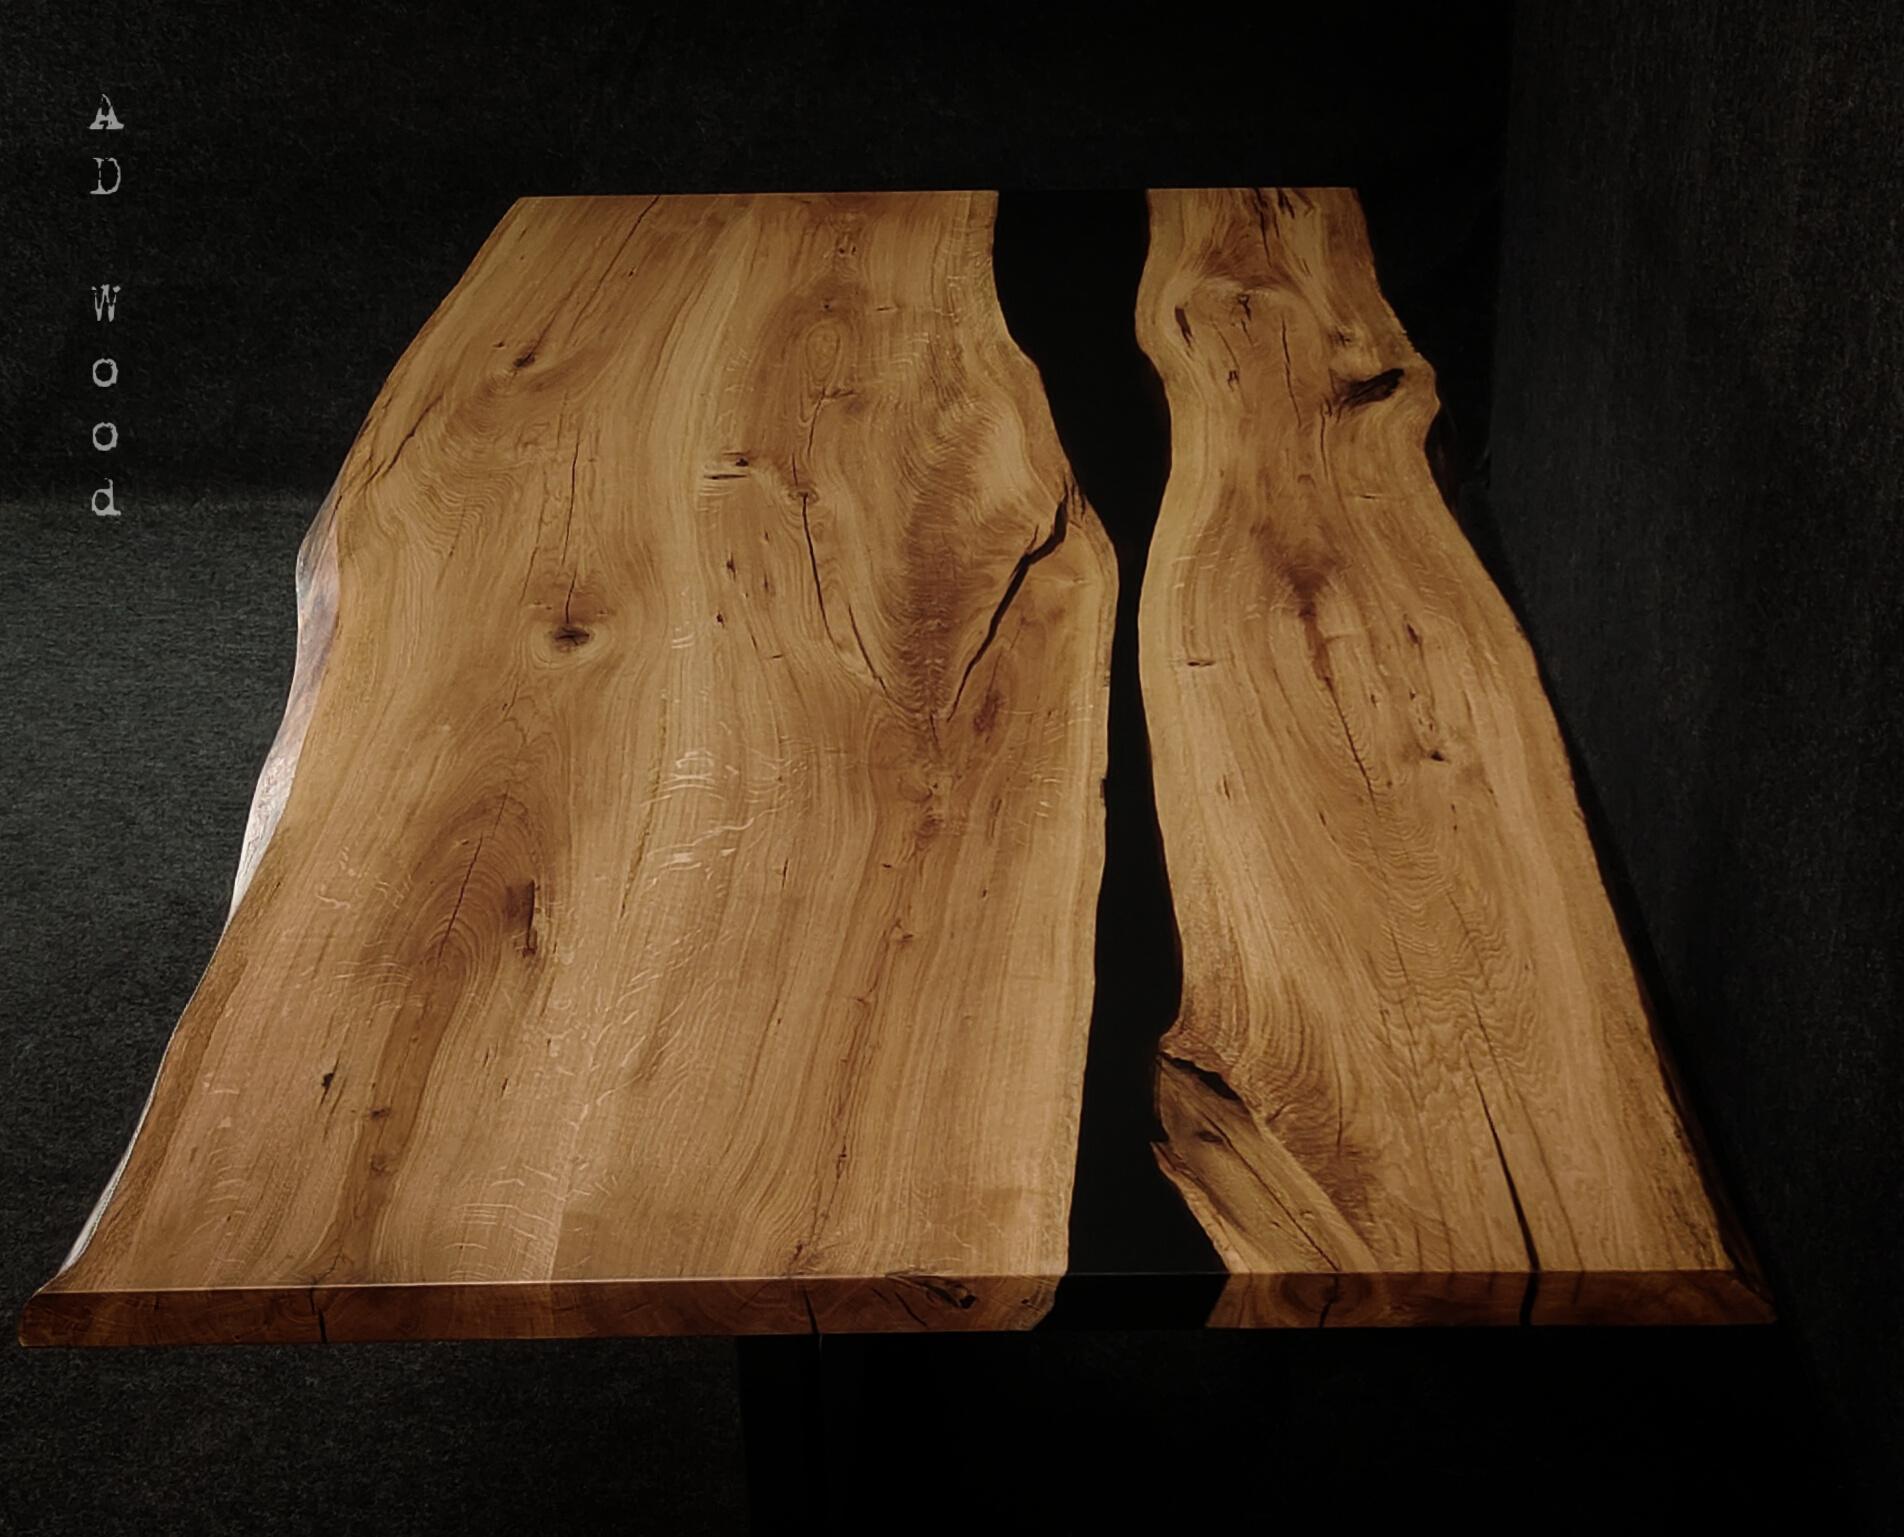 Stół dębowy z żywicą - Woodstock